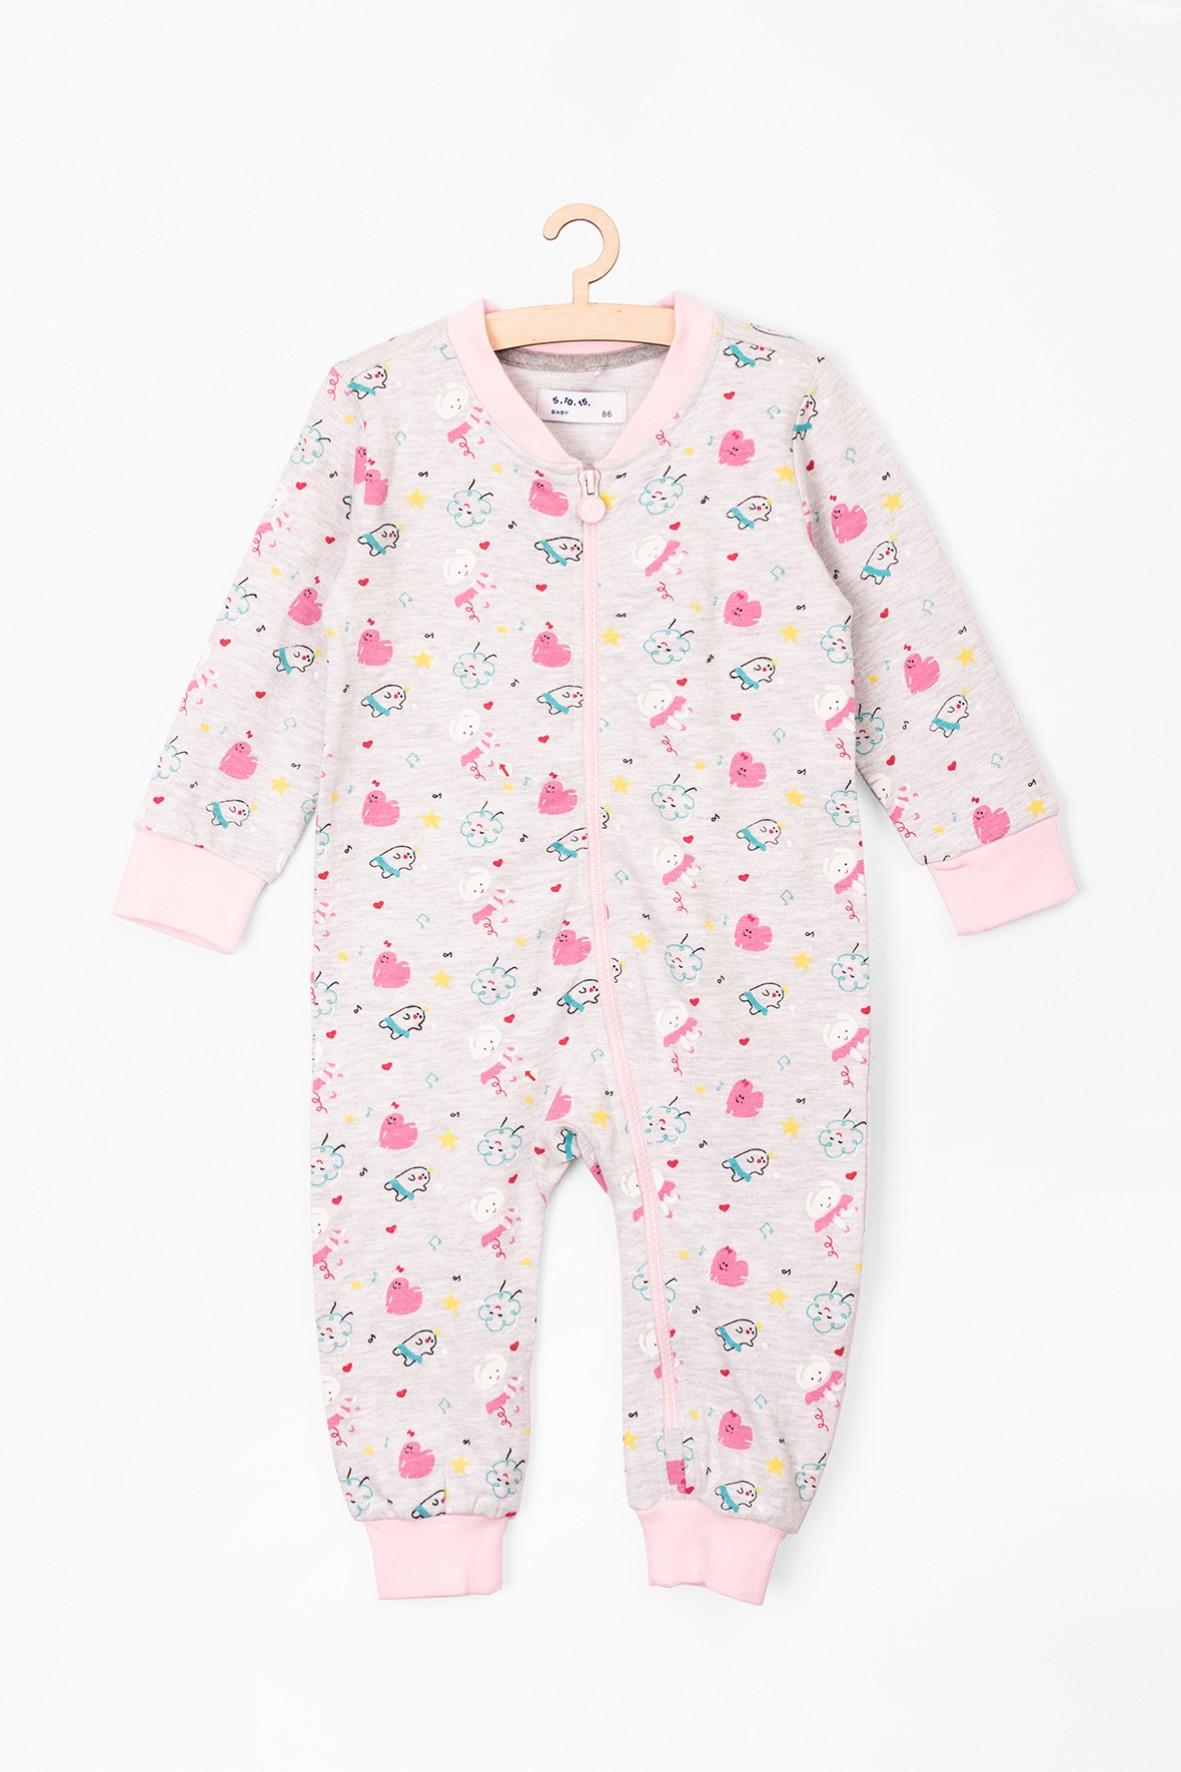 Pajac niemowlęcy dla dziewczynki różowy we wzory